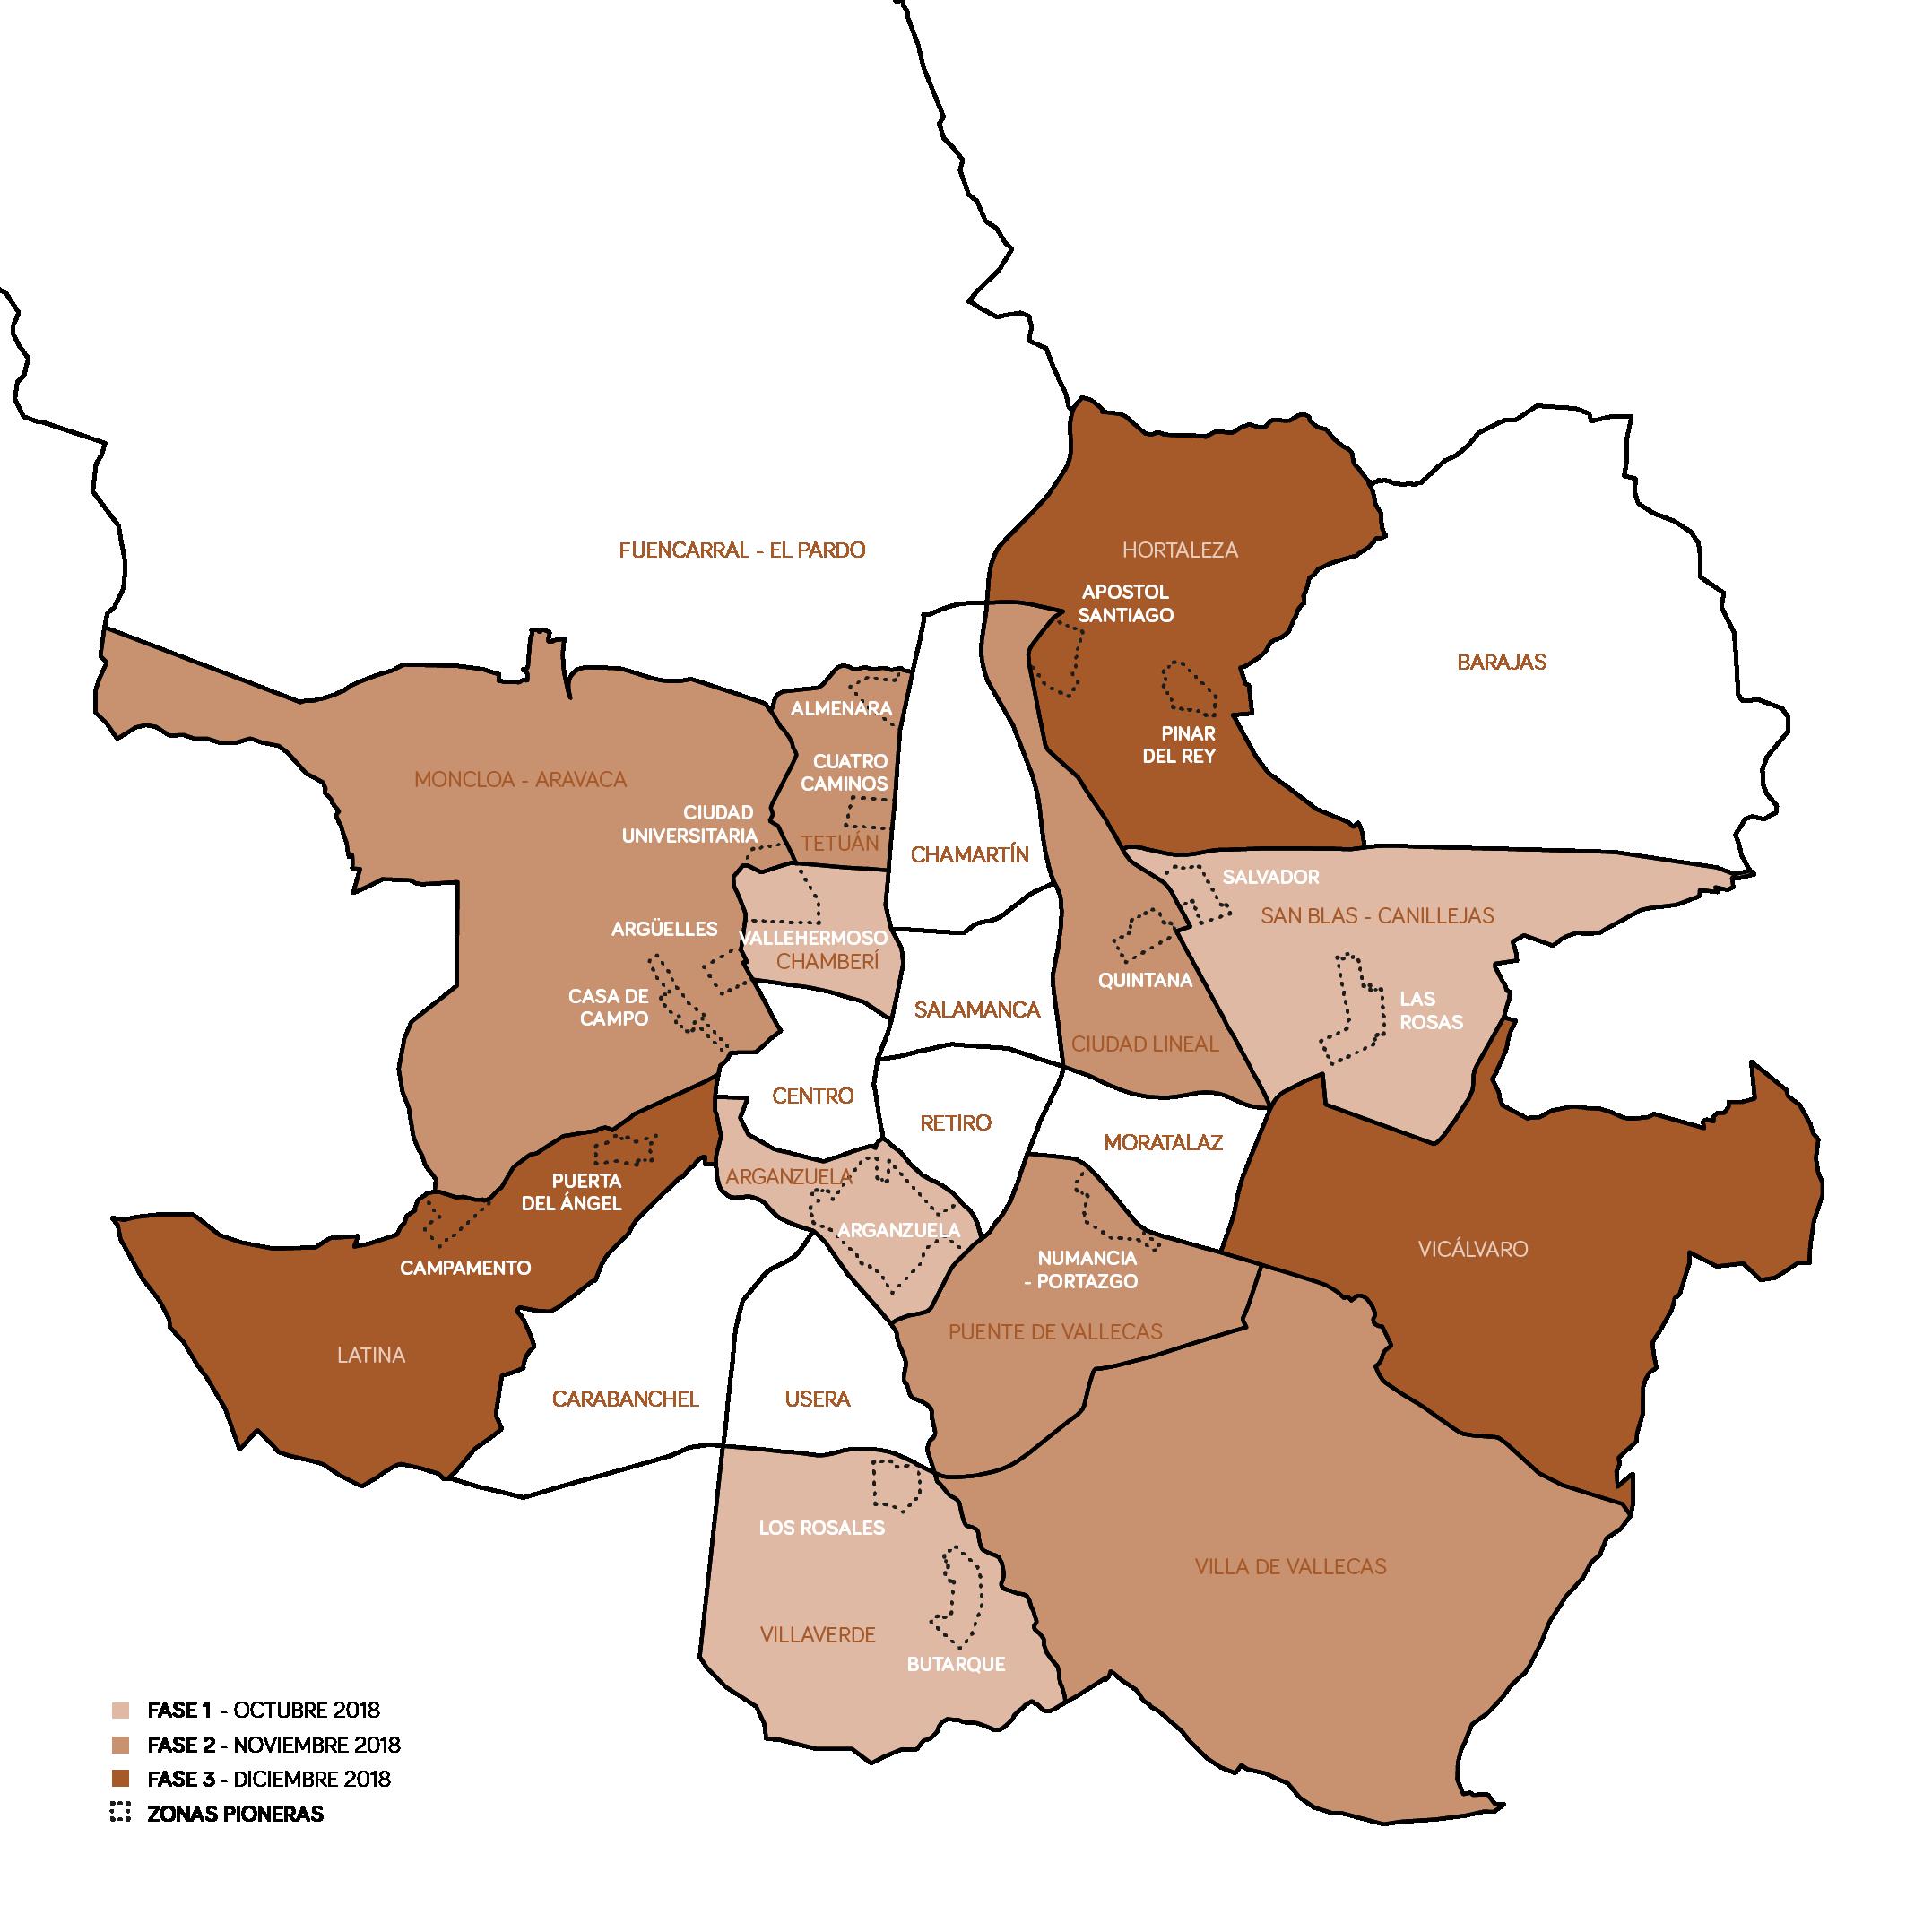 mapa de los 12 distritos con recogida orgánica